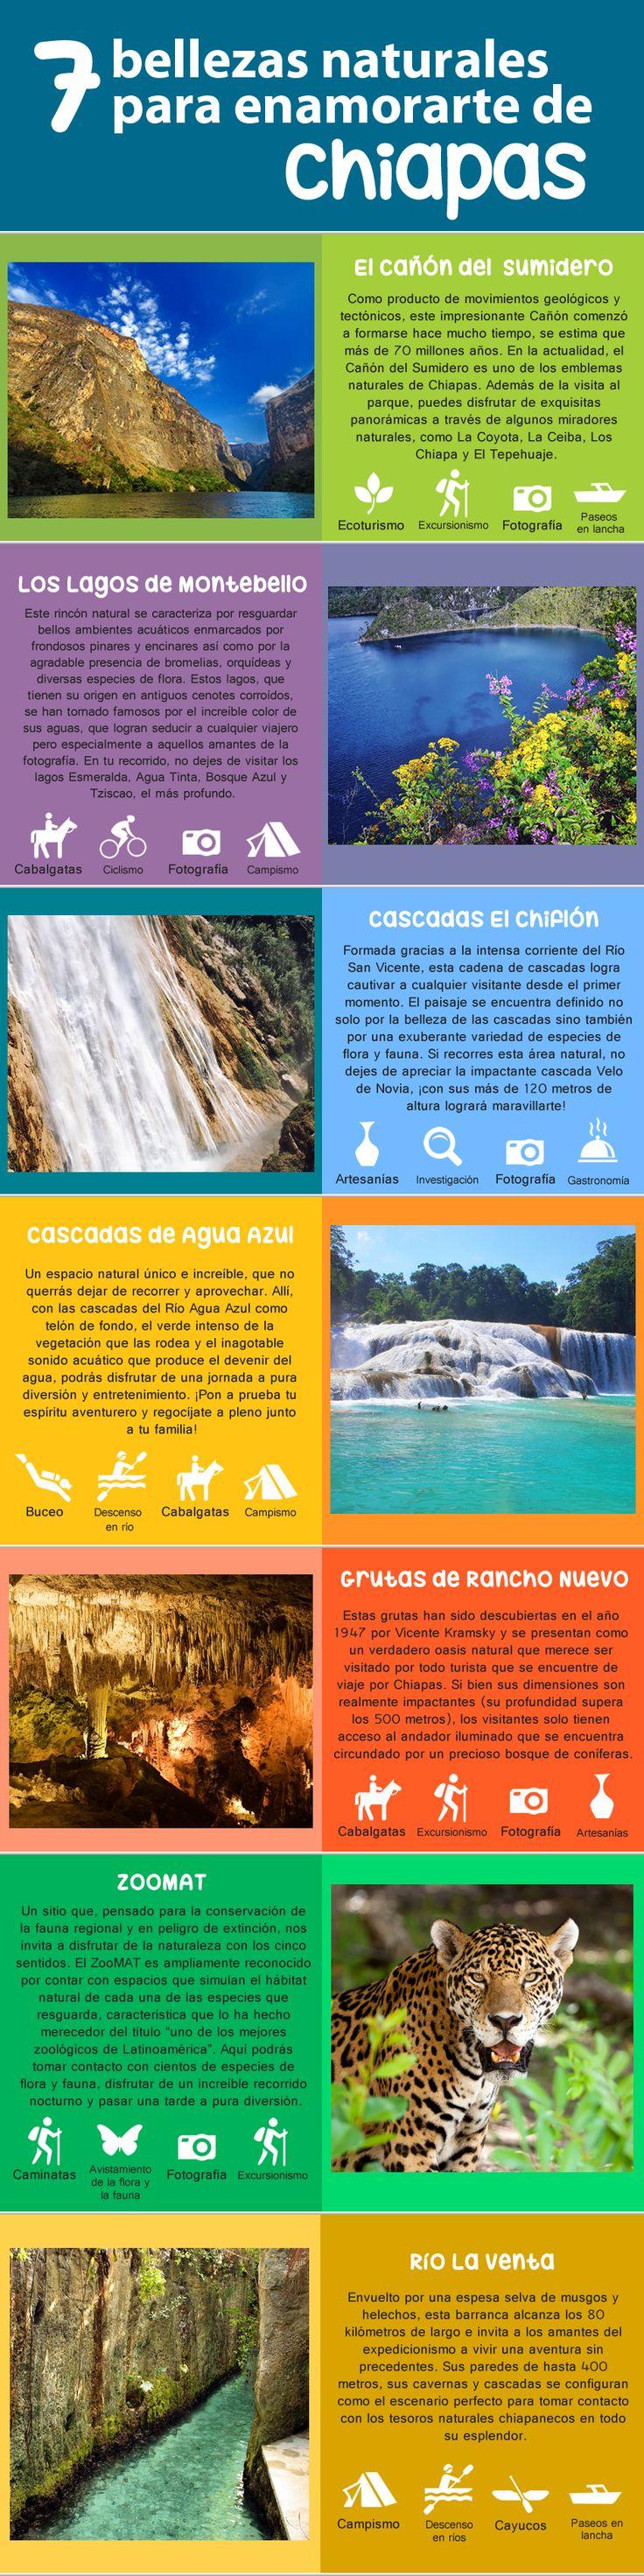 #Infografia 7 bellezas naturales para enamorarse de #Chiapas #Turismo #Mexico #Atractivos Más info sobre el destino en: http://www.bestday.com.mx/Chiapas/Atracciones/